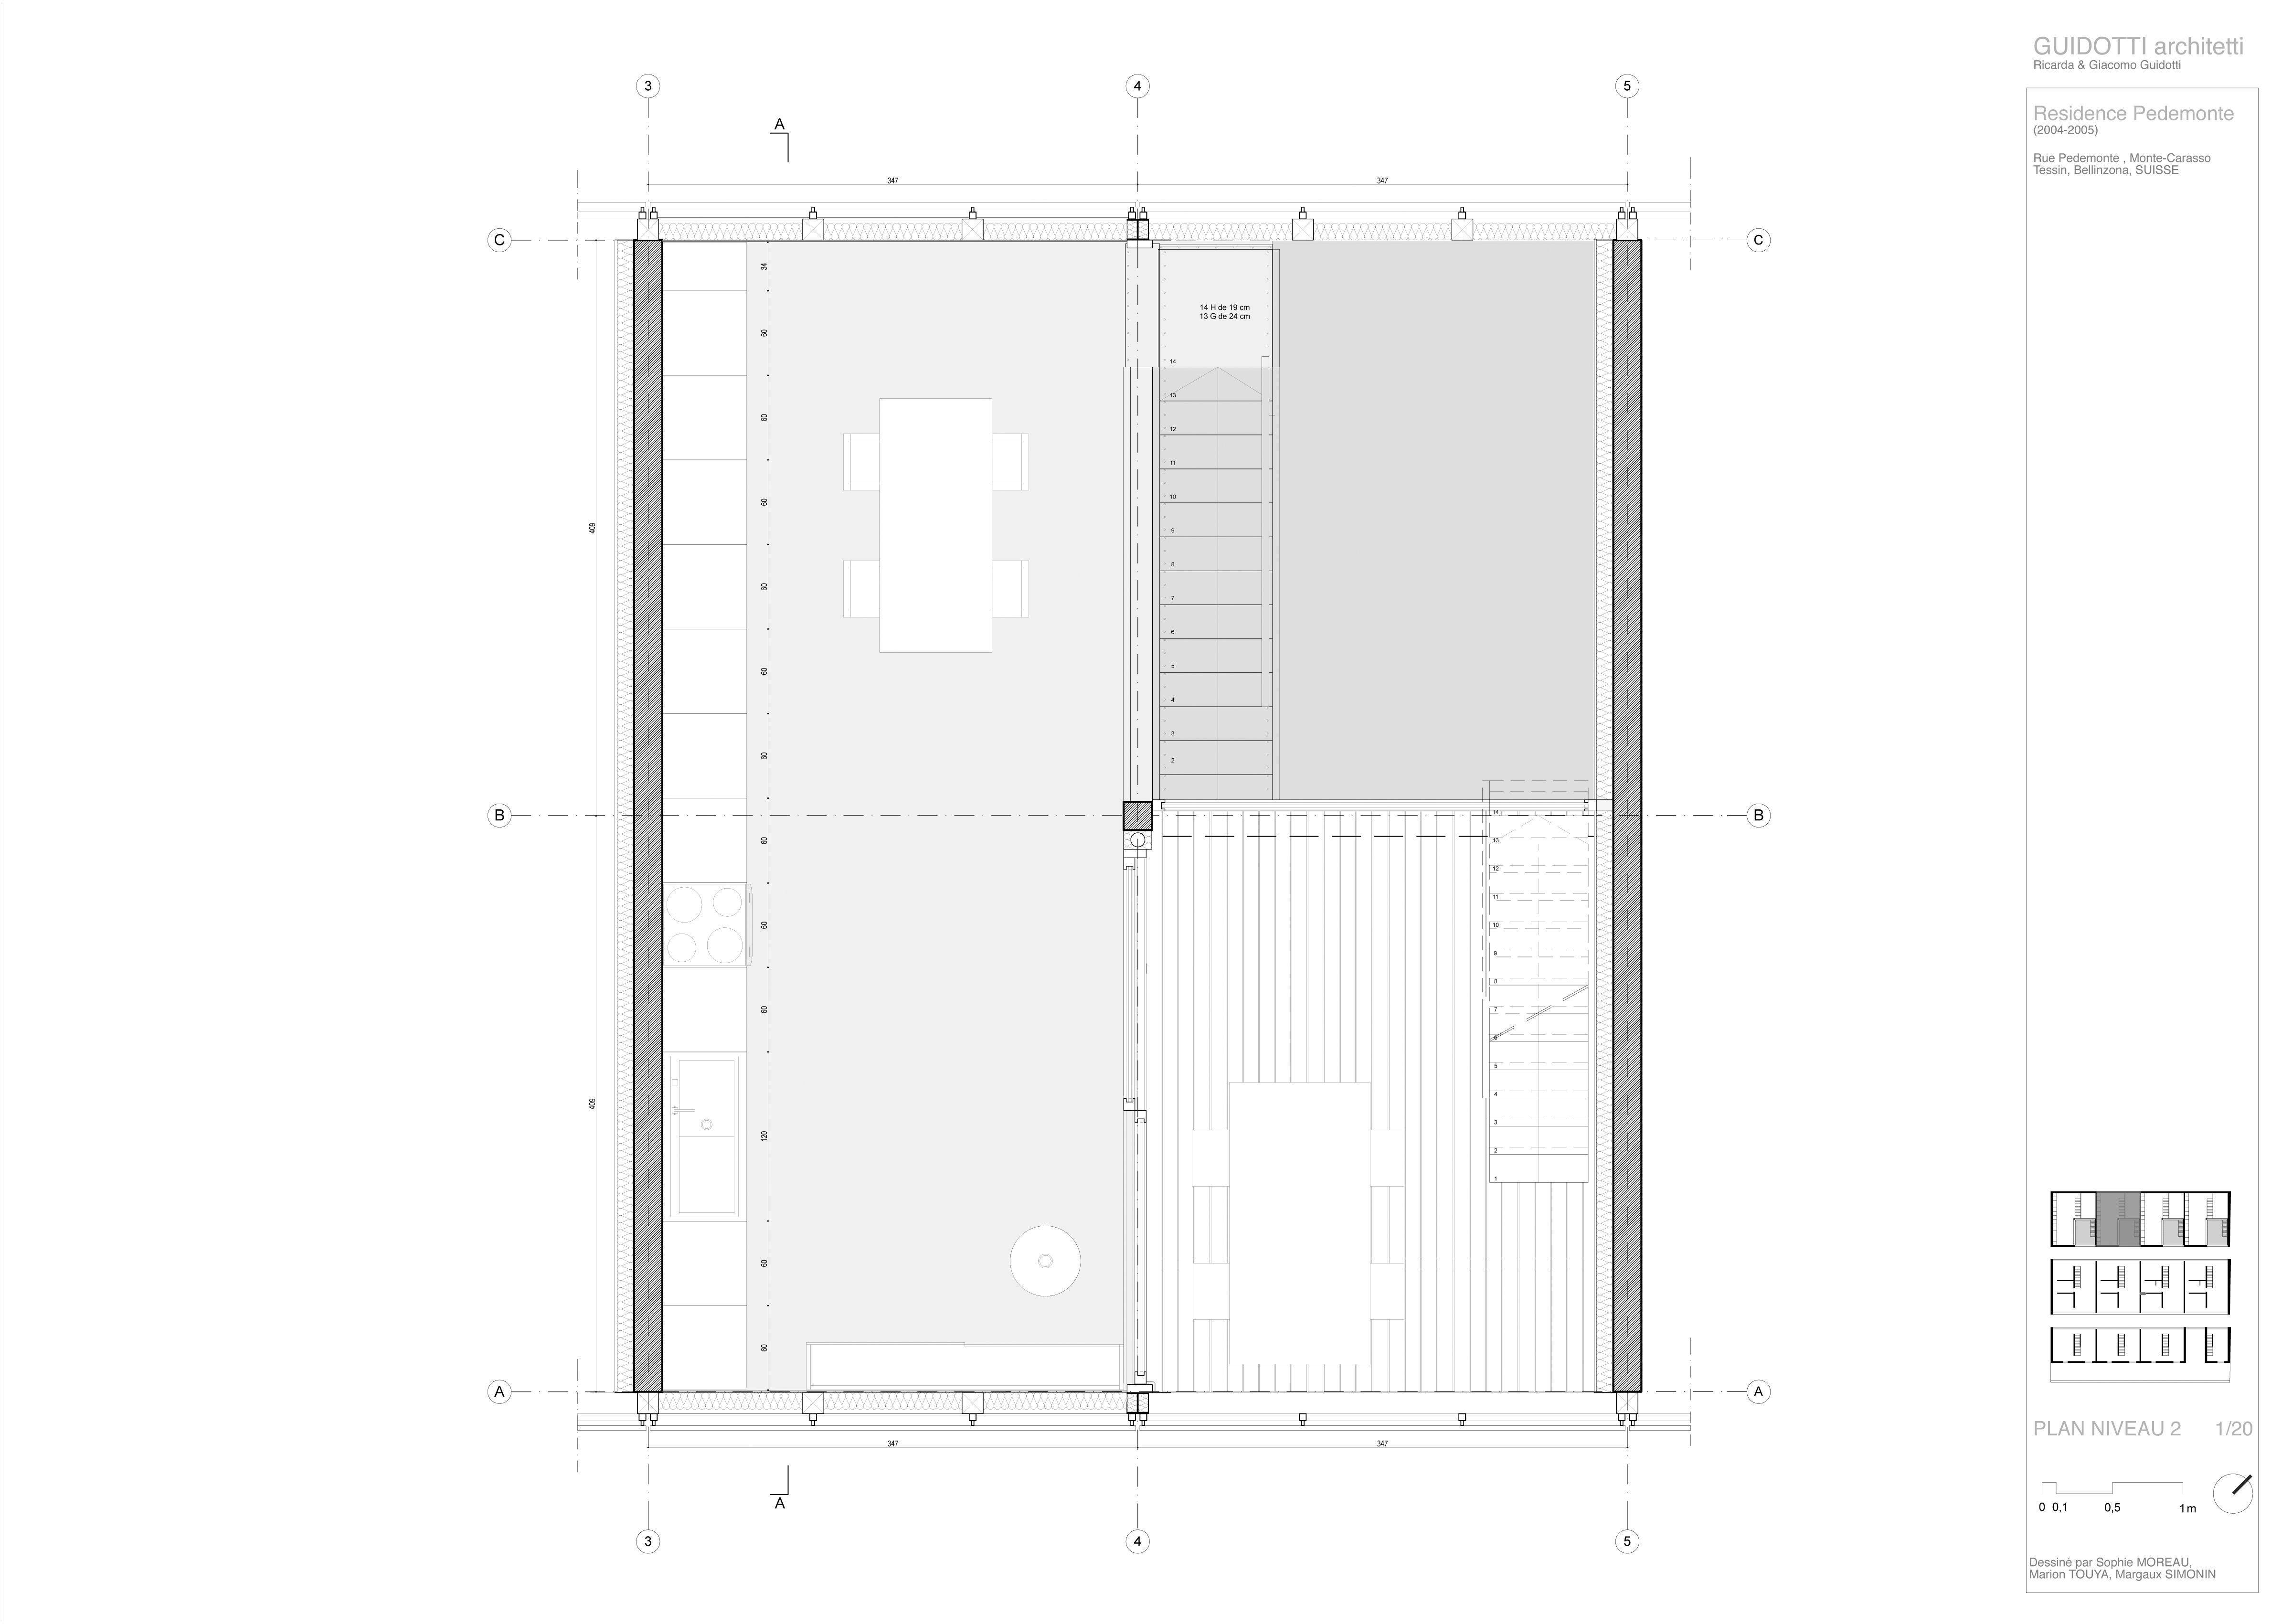 04-ENSA-1011_S62_Plan R+2 PED